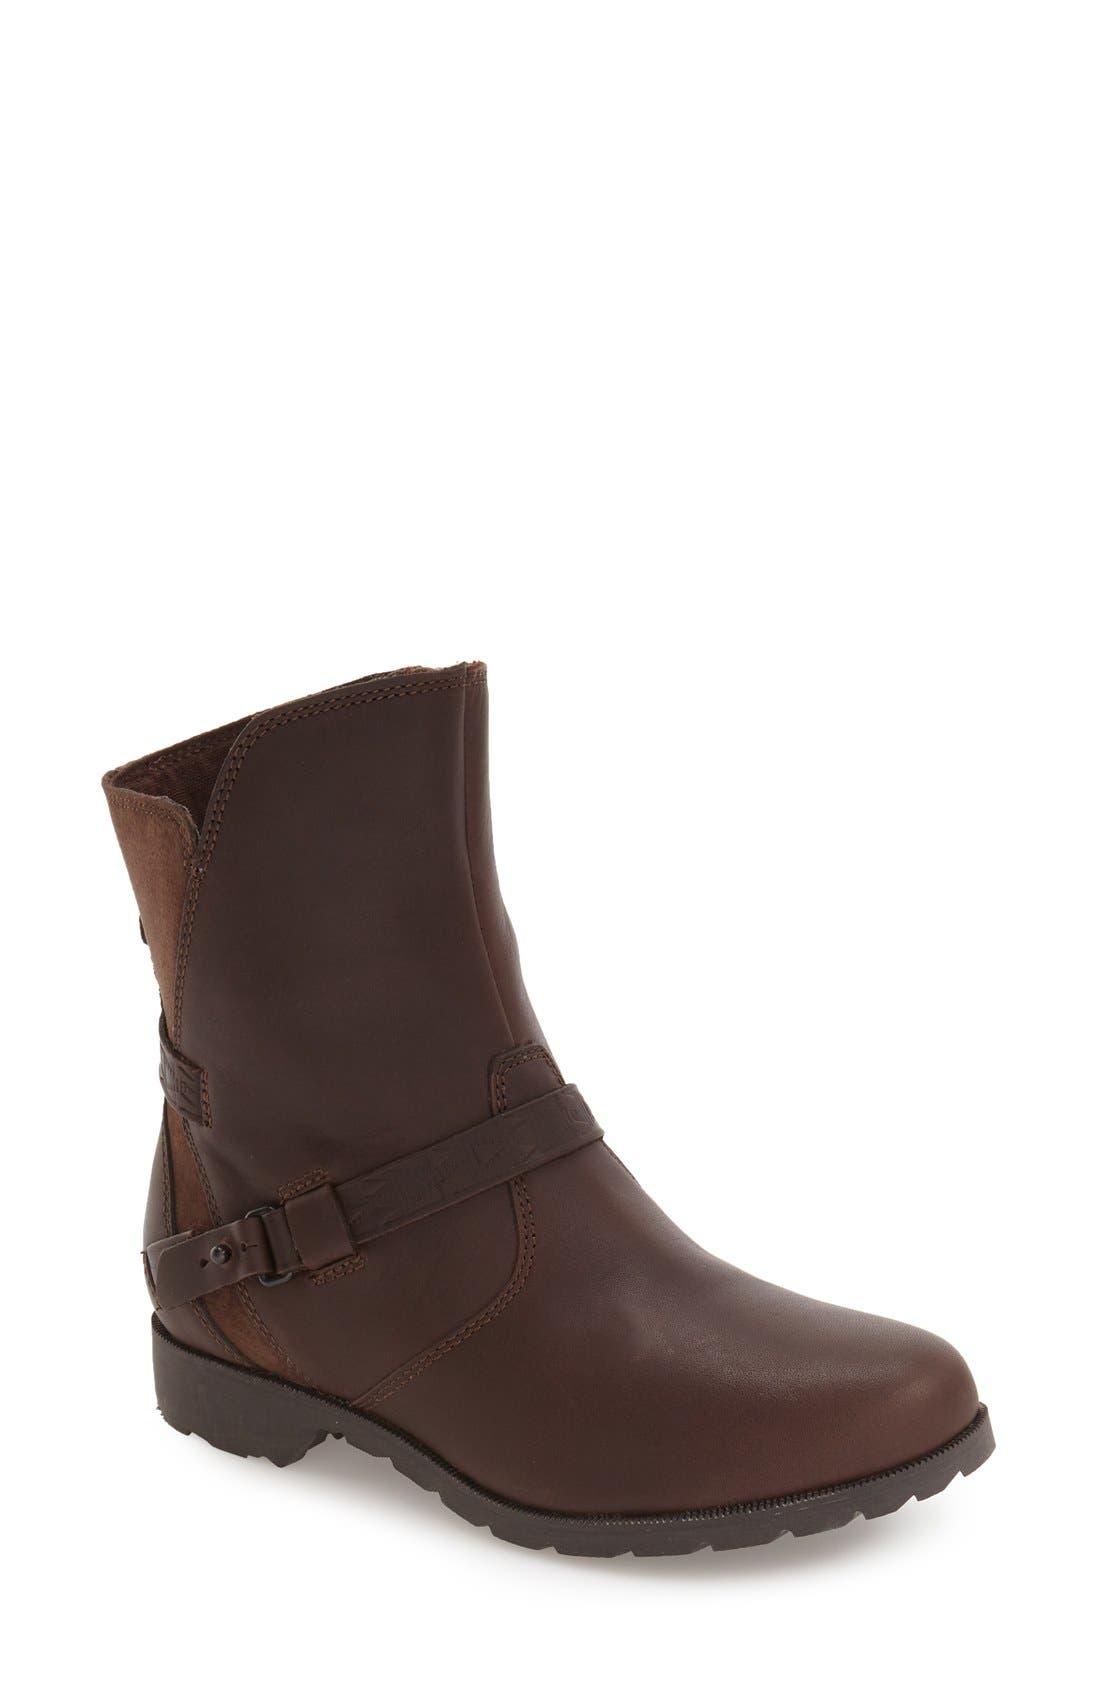 Teva 'De La Vina' Waterproof Boot (Women)